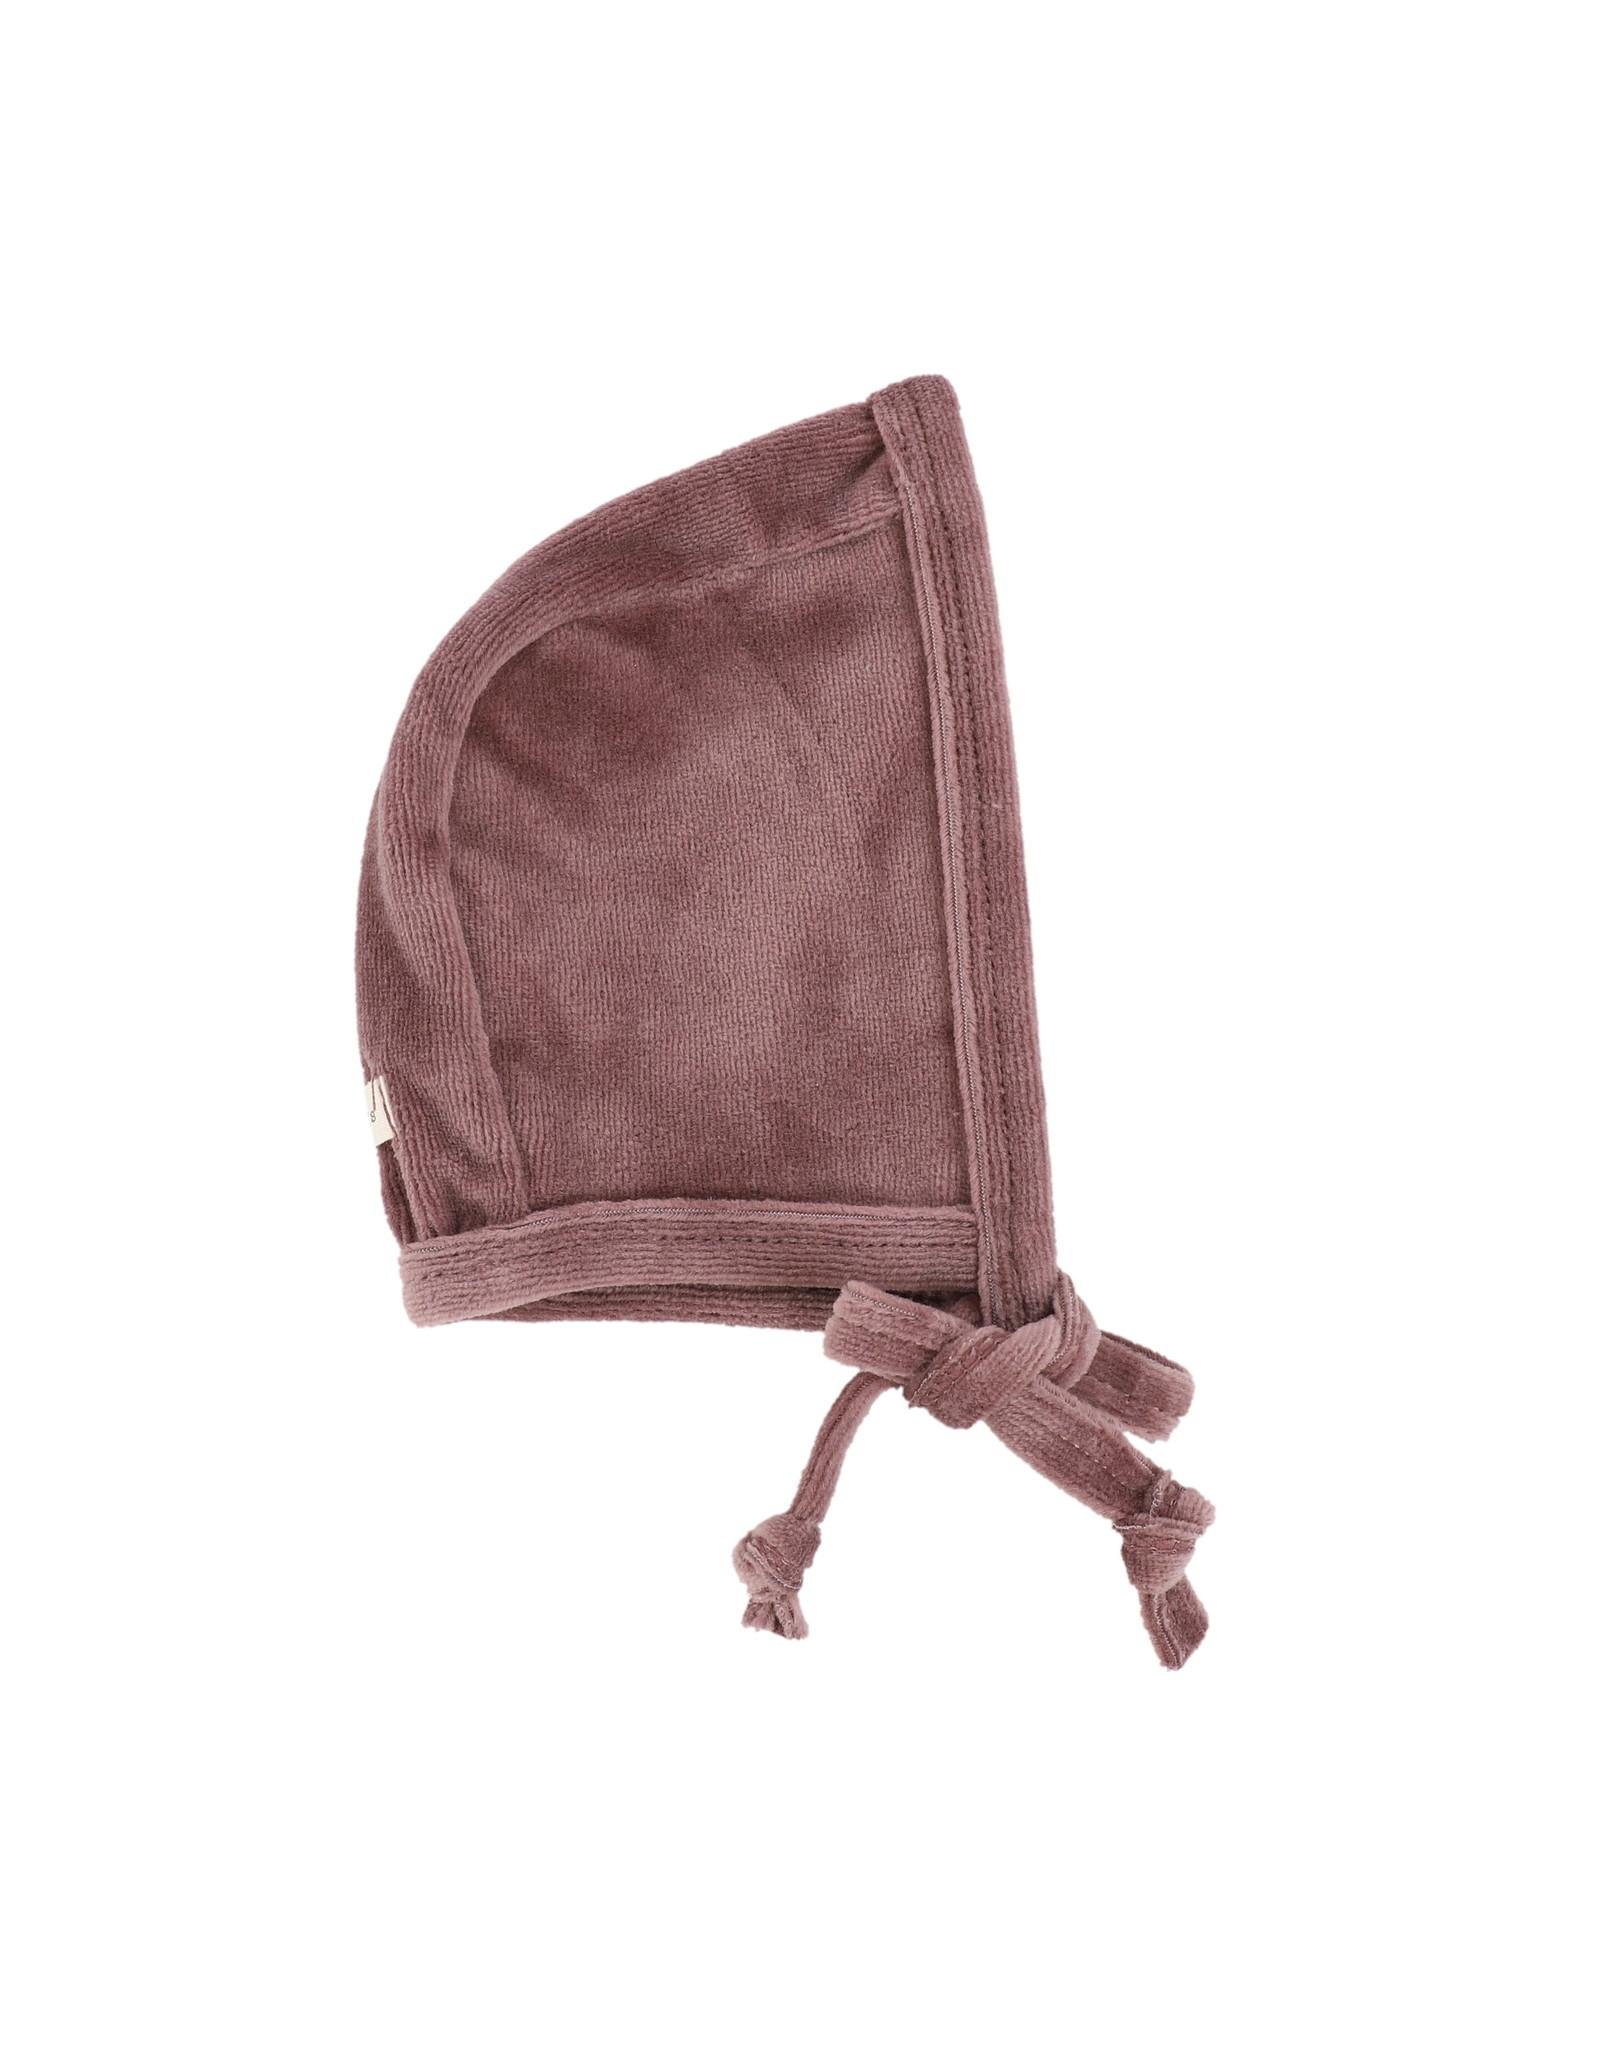 LIL LEGS FW21 Classic Velour Bonnet